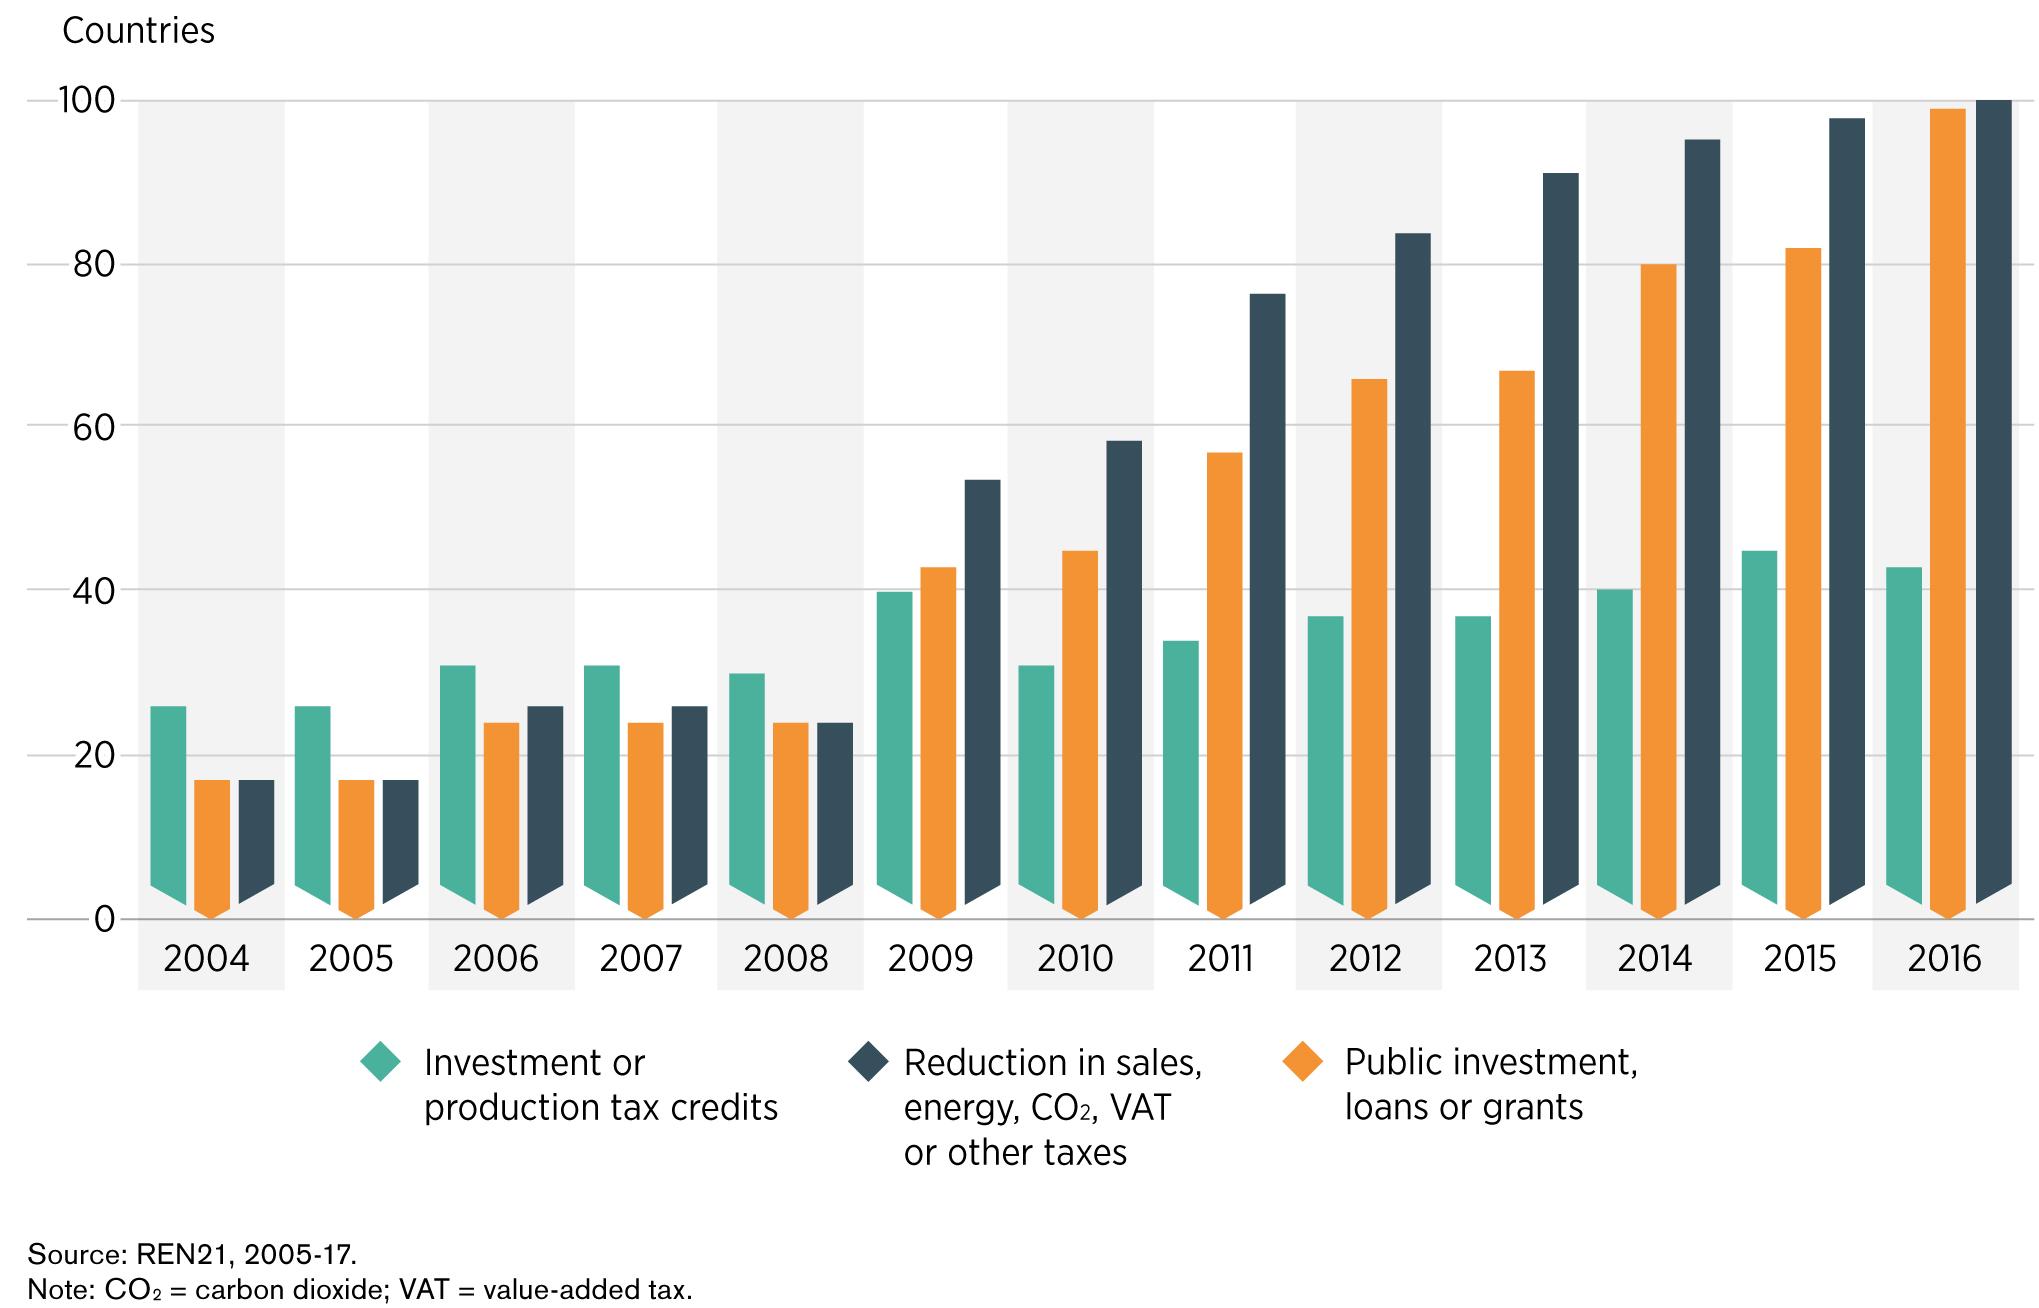 Рис. 5. Світові тренди у застосуванні фінансових та фіскальних стимулів імплементації ВДЕ, 2004-2016. Джерело: IRENA «Renewable Energy Policies in a Time of Transition», 2018.